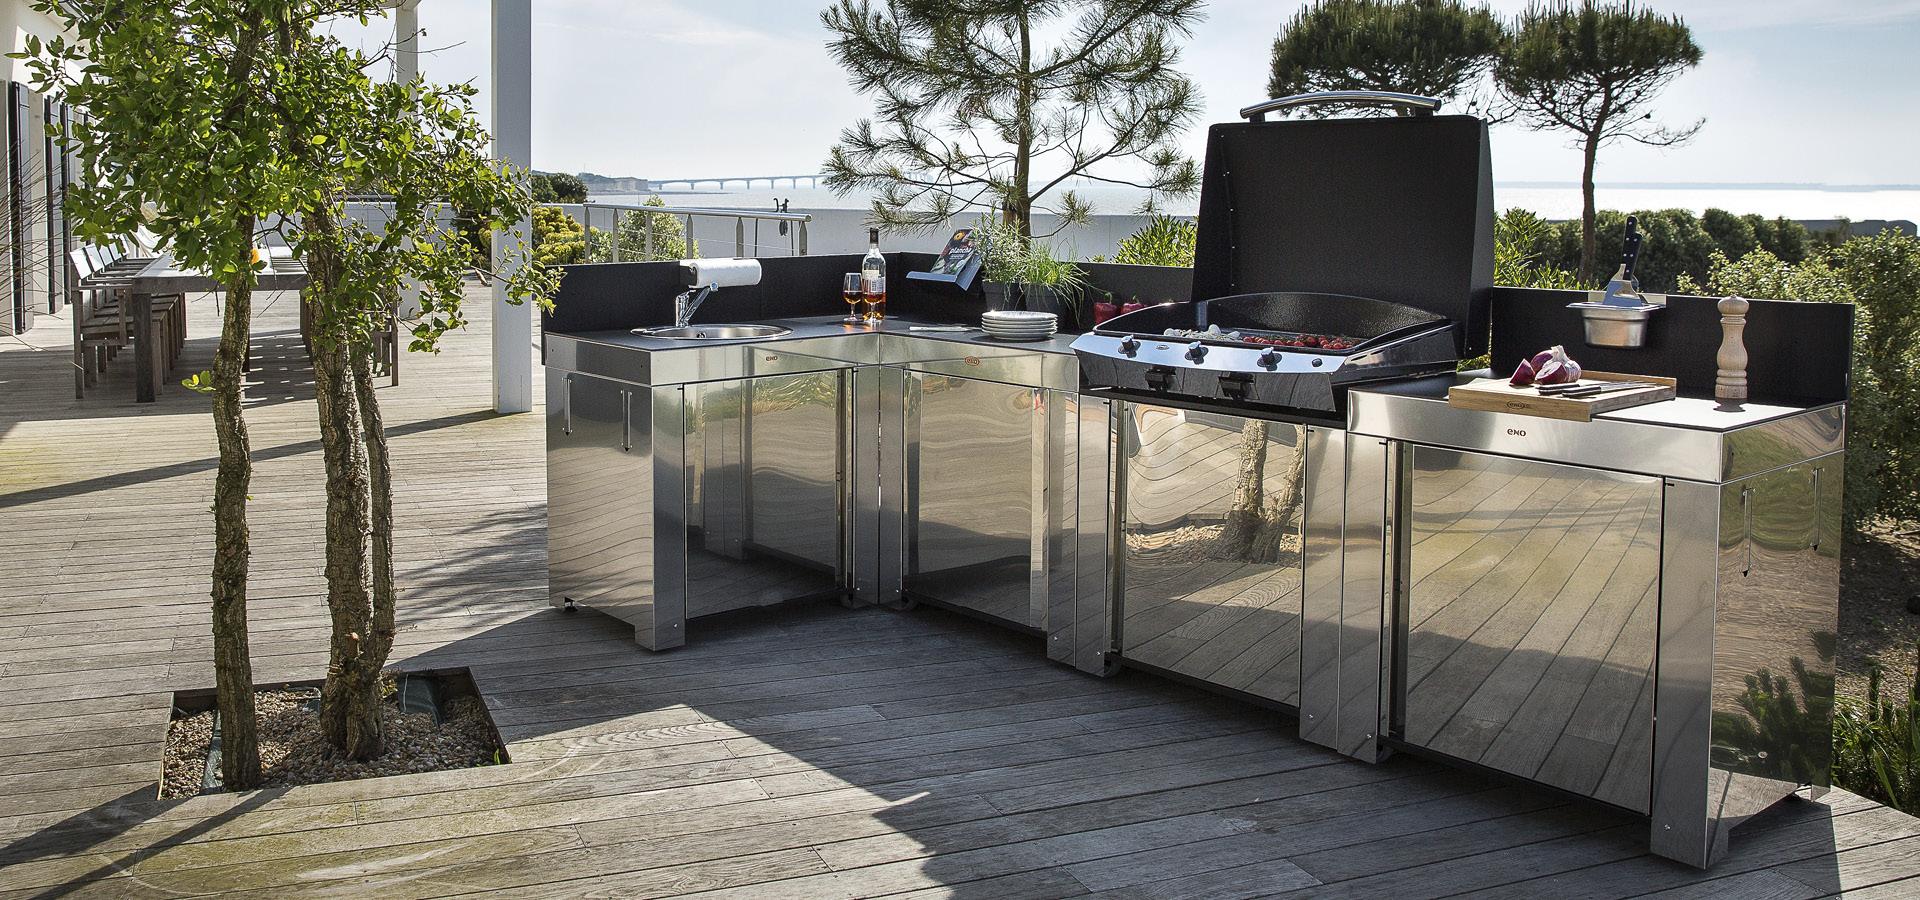 Composez votre cuisine d'extérieur ENO